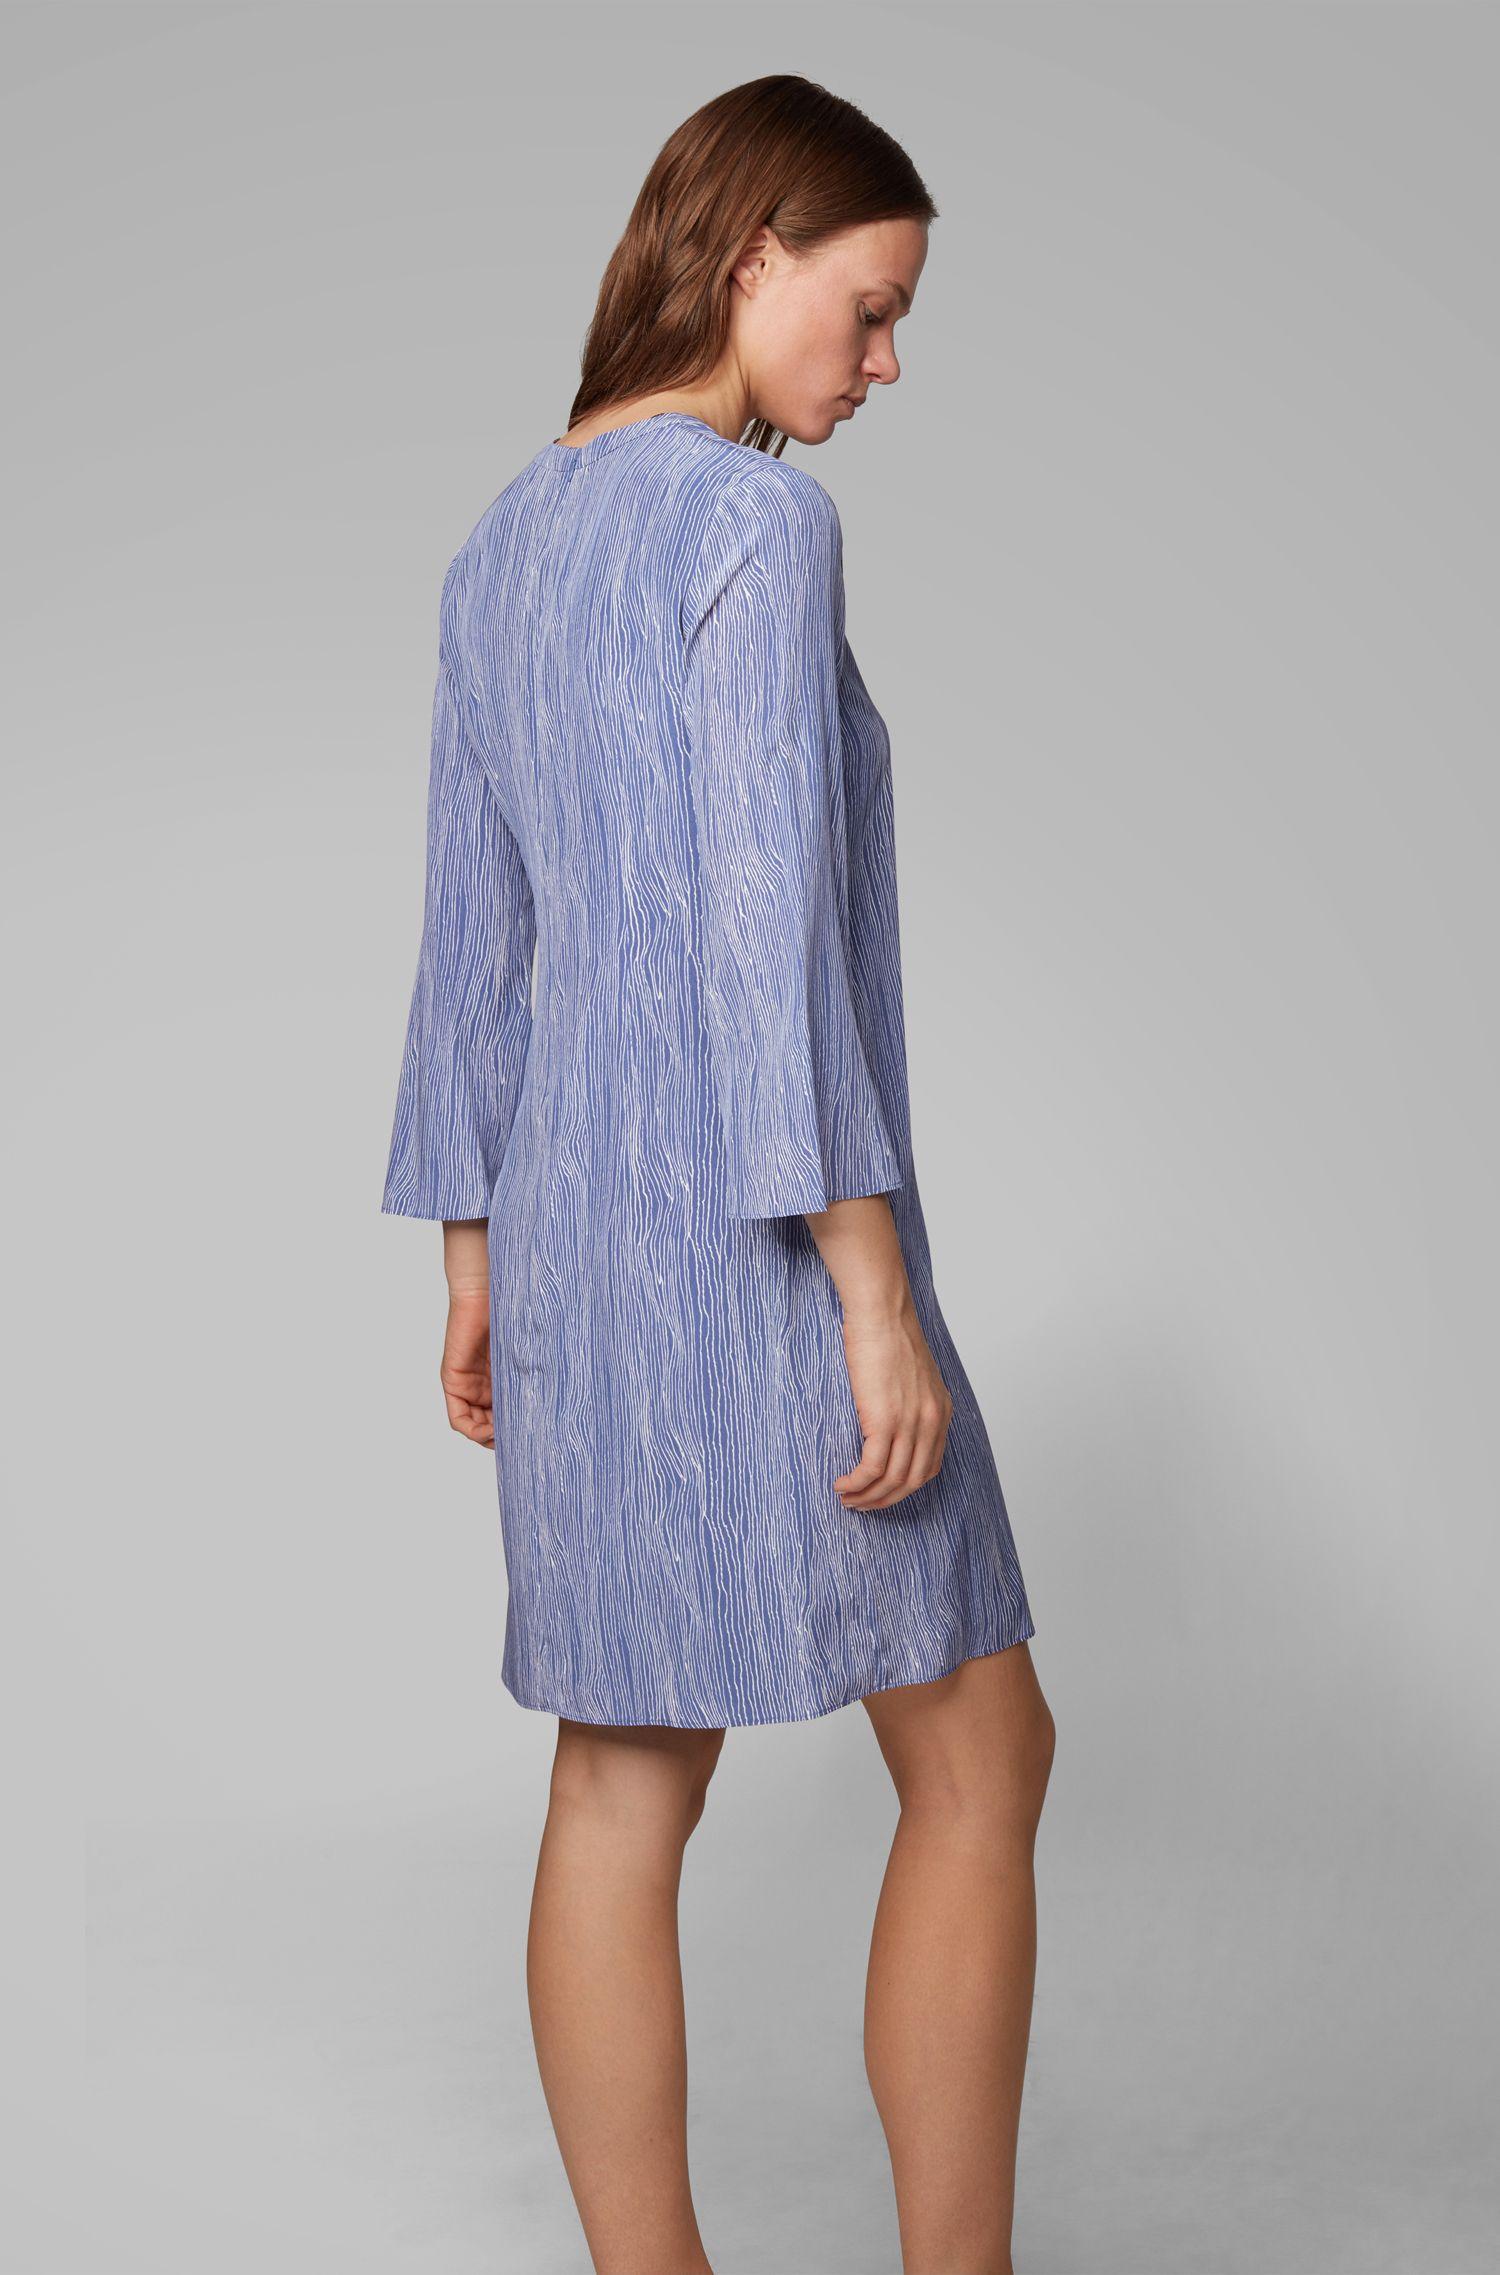 Robe tunique Regular Fit en soie imprimée, Fantaisie